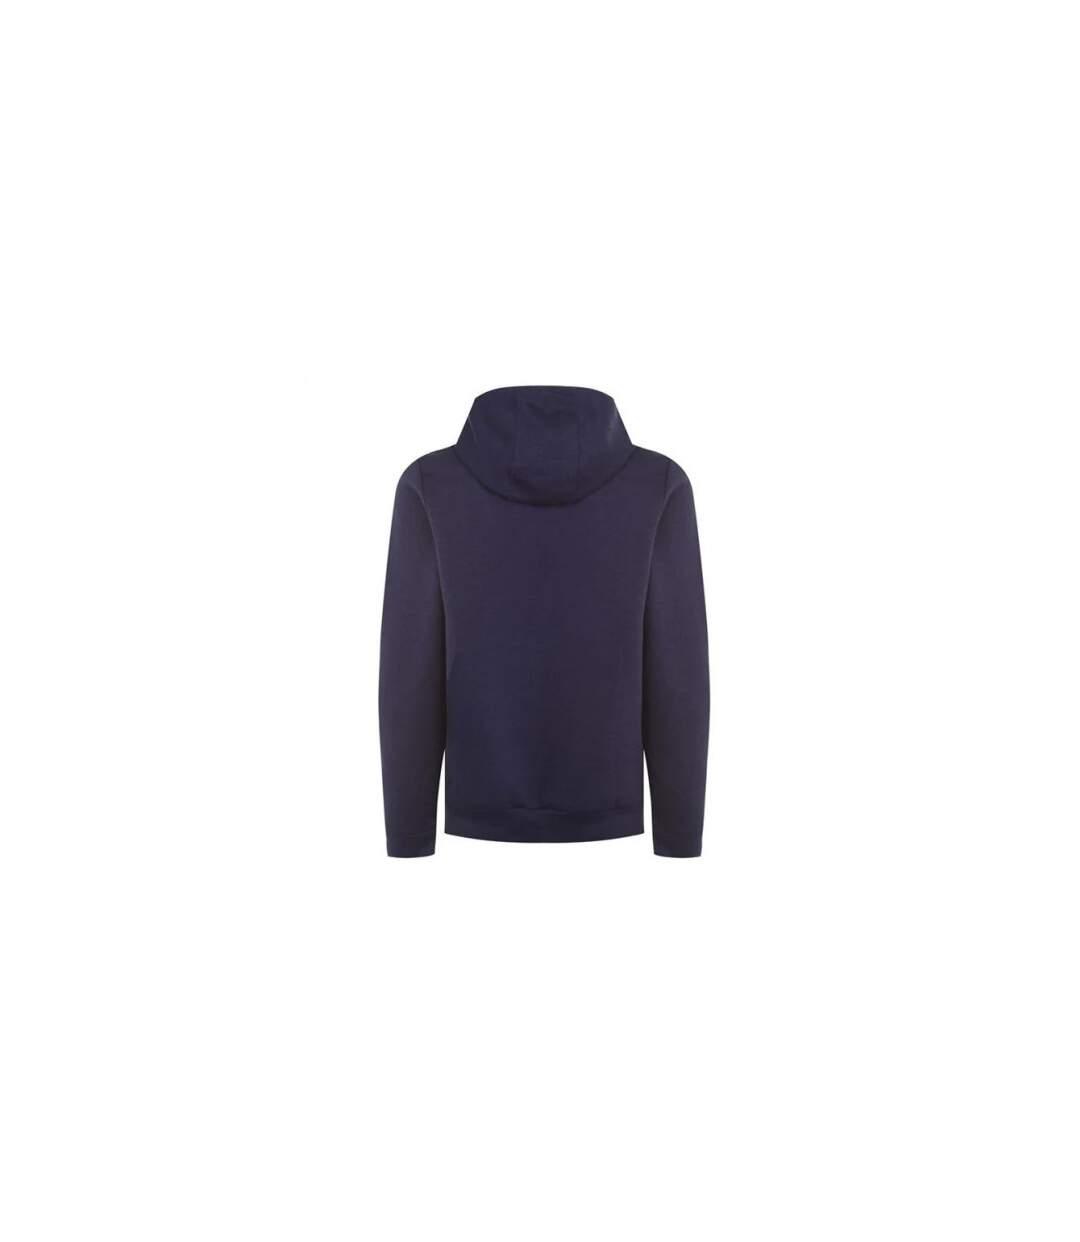 Slazenger Mens Alley Hooded Sweater (Navy) - UTPF1760